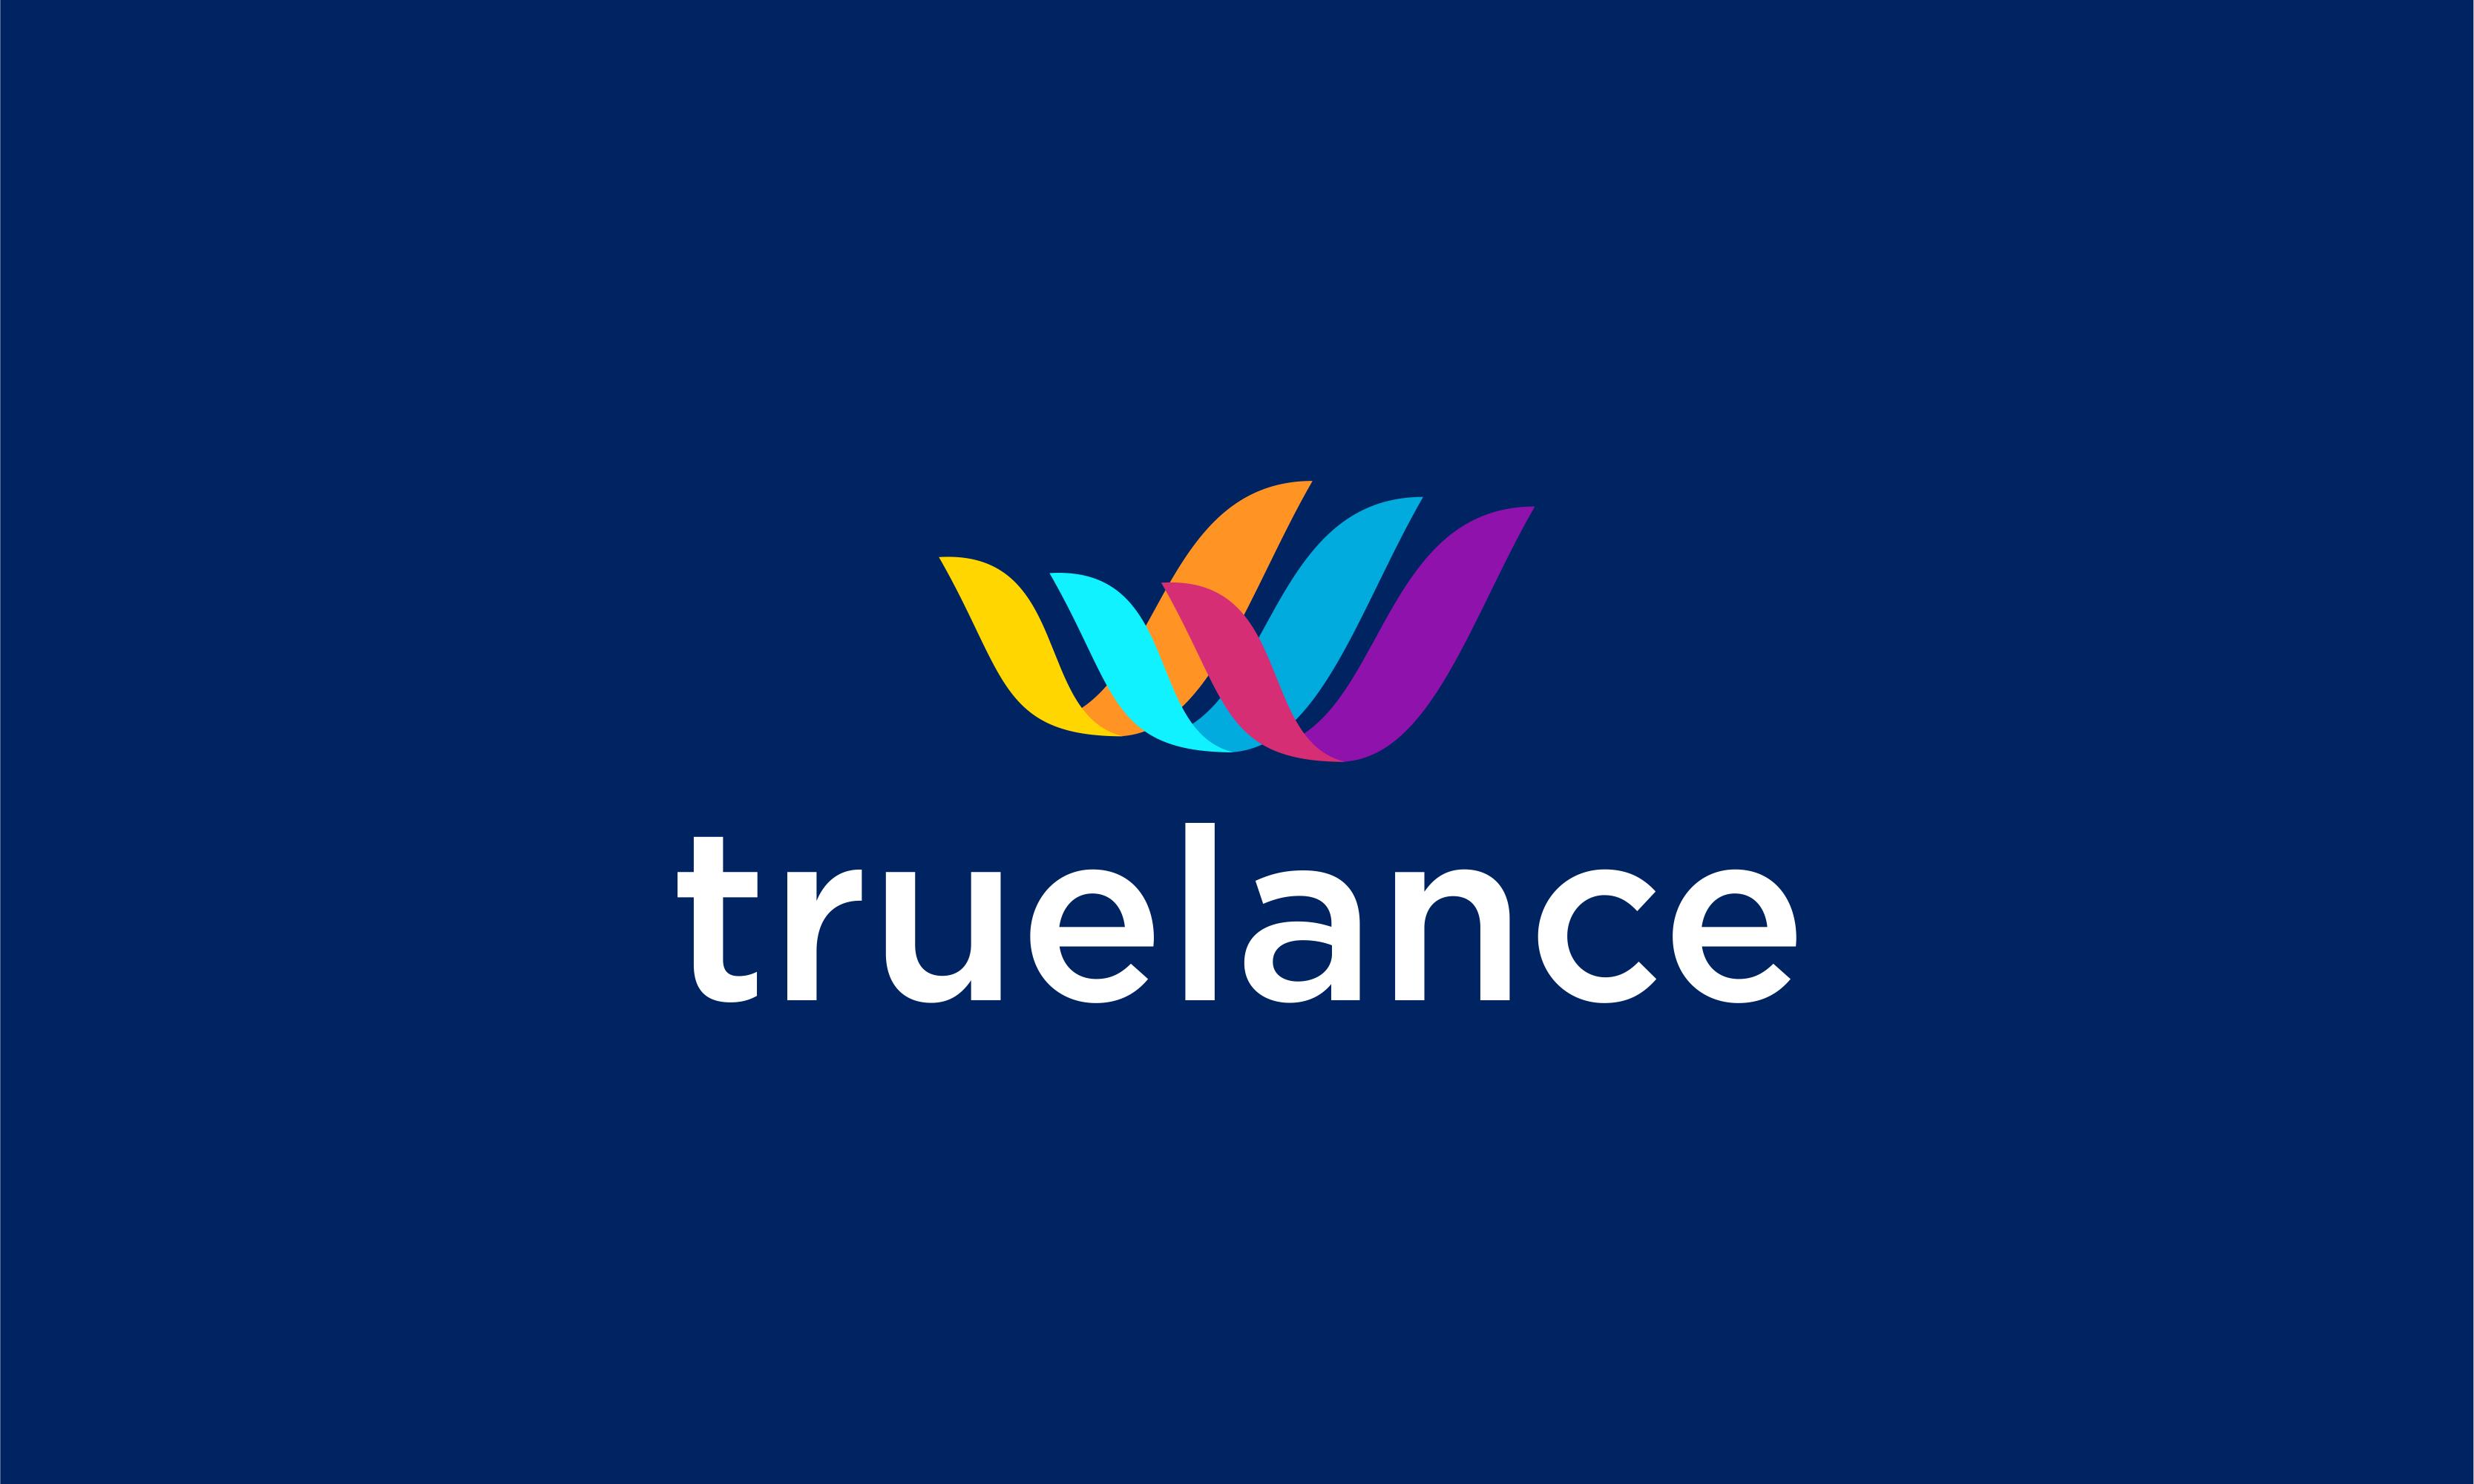 Truelance